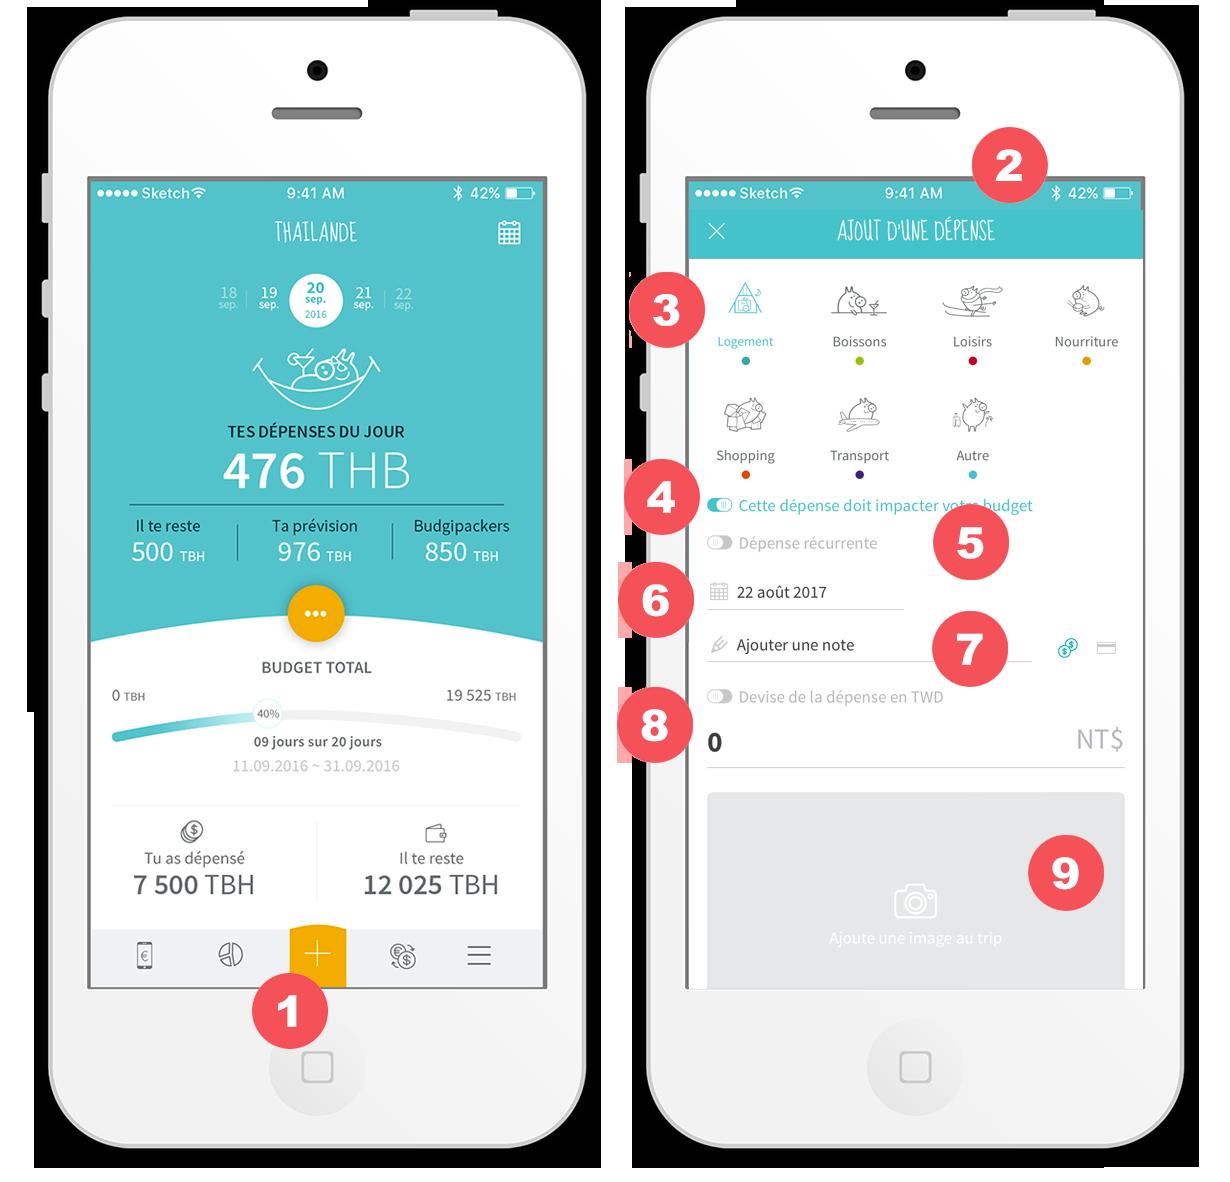 Budgi app ajouter une dépense